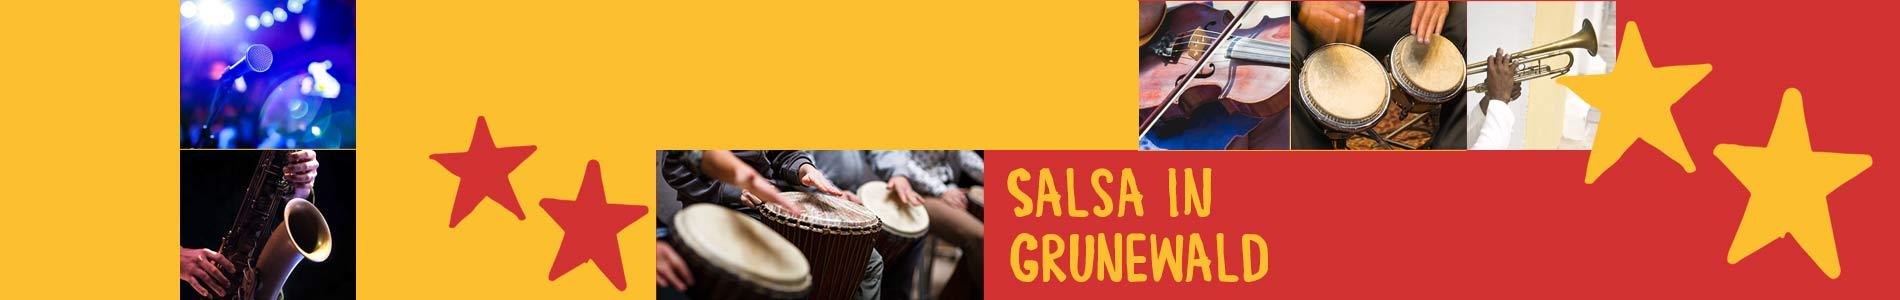 Salsa in Grunewald – Salsa lernen und tanzen, Tanzkurse, Partys, Veranstaltungen